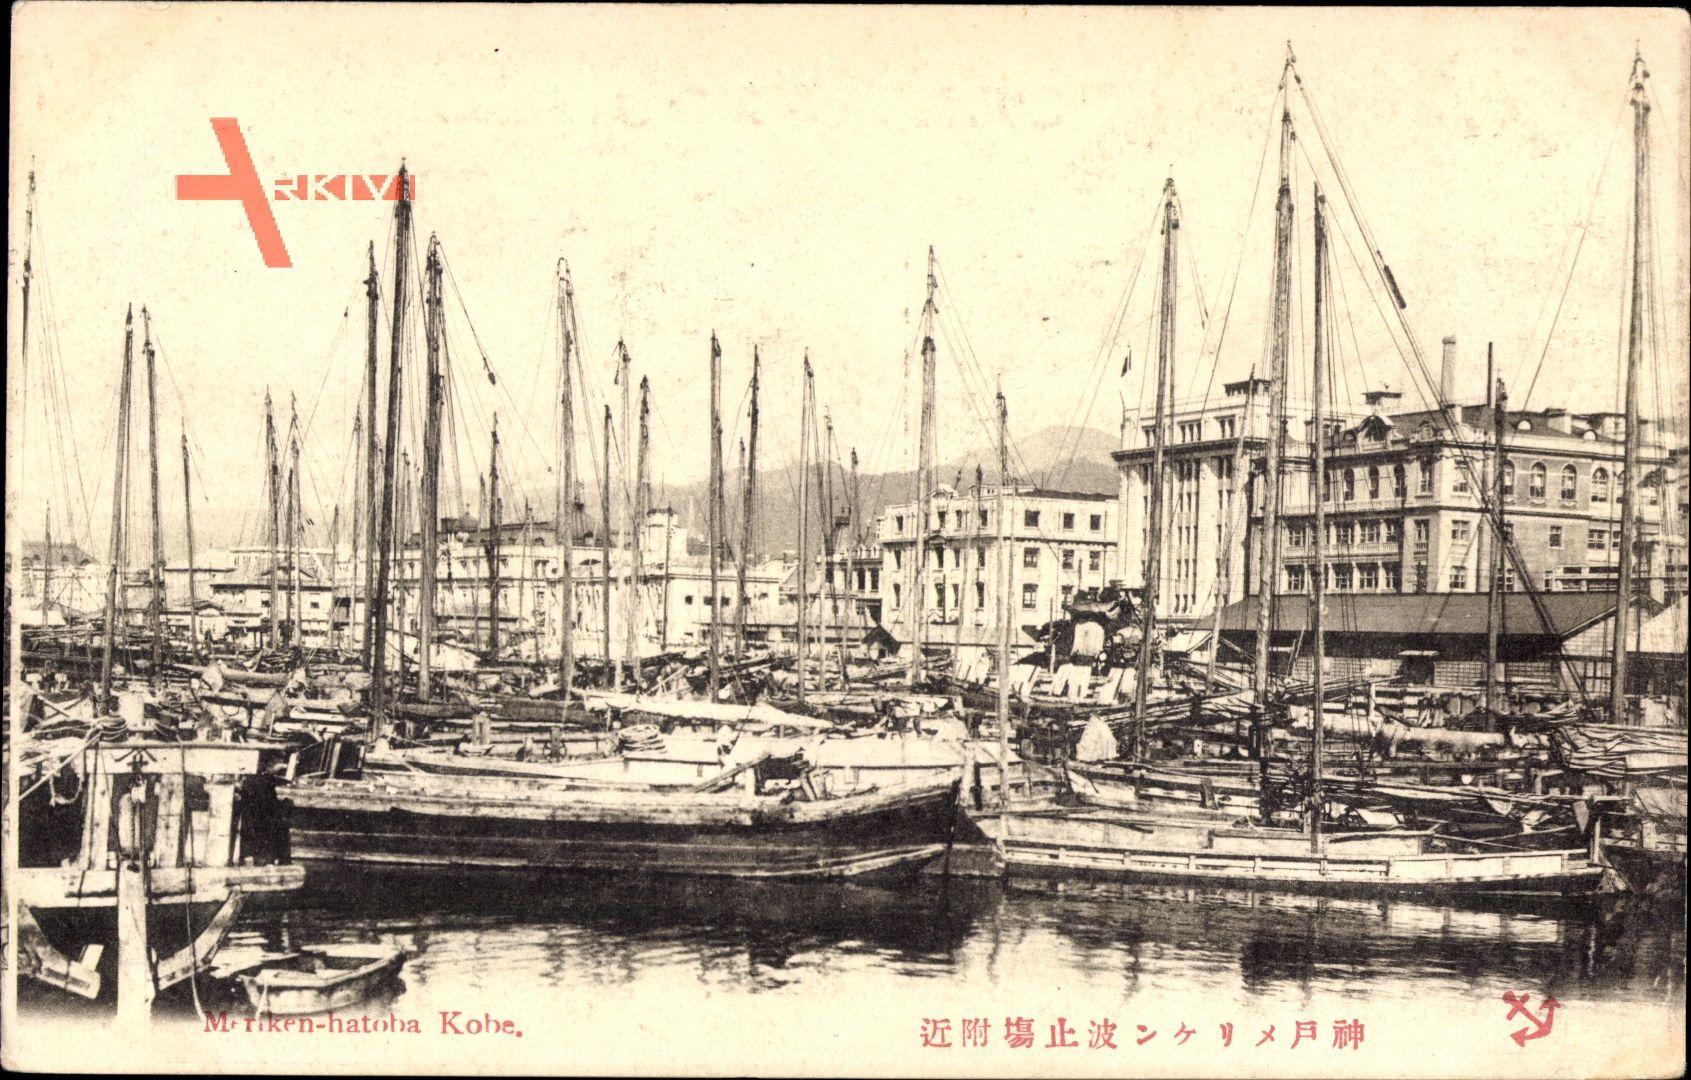 Kobe Präf. Hyogo Japan, Meriken hatoba, Hafen, Boote